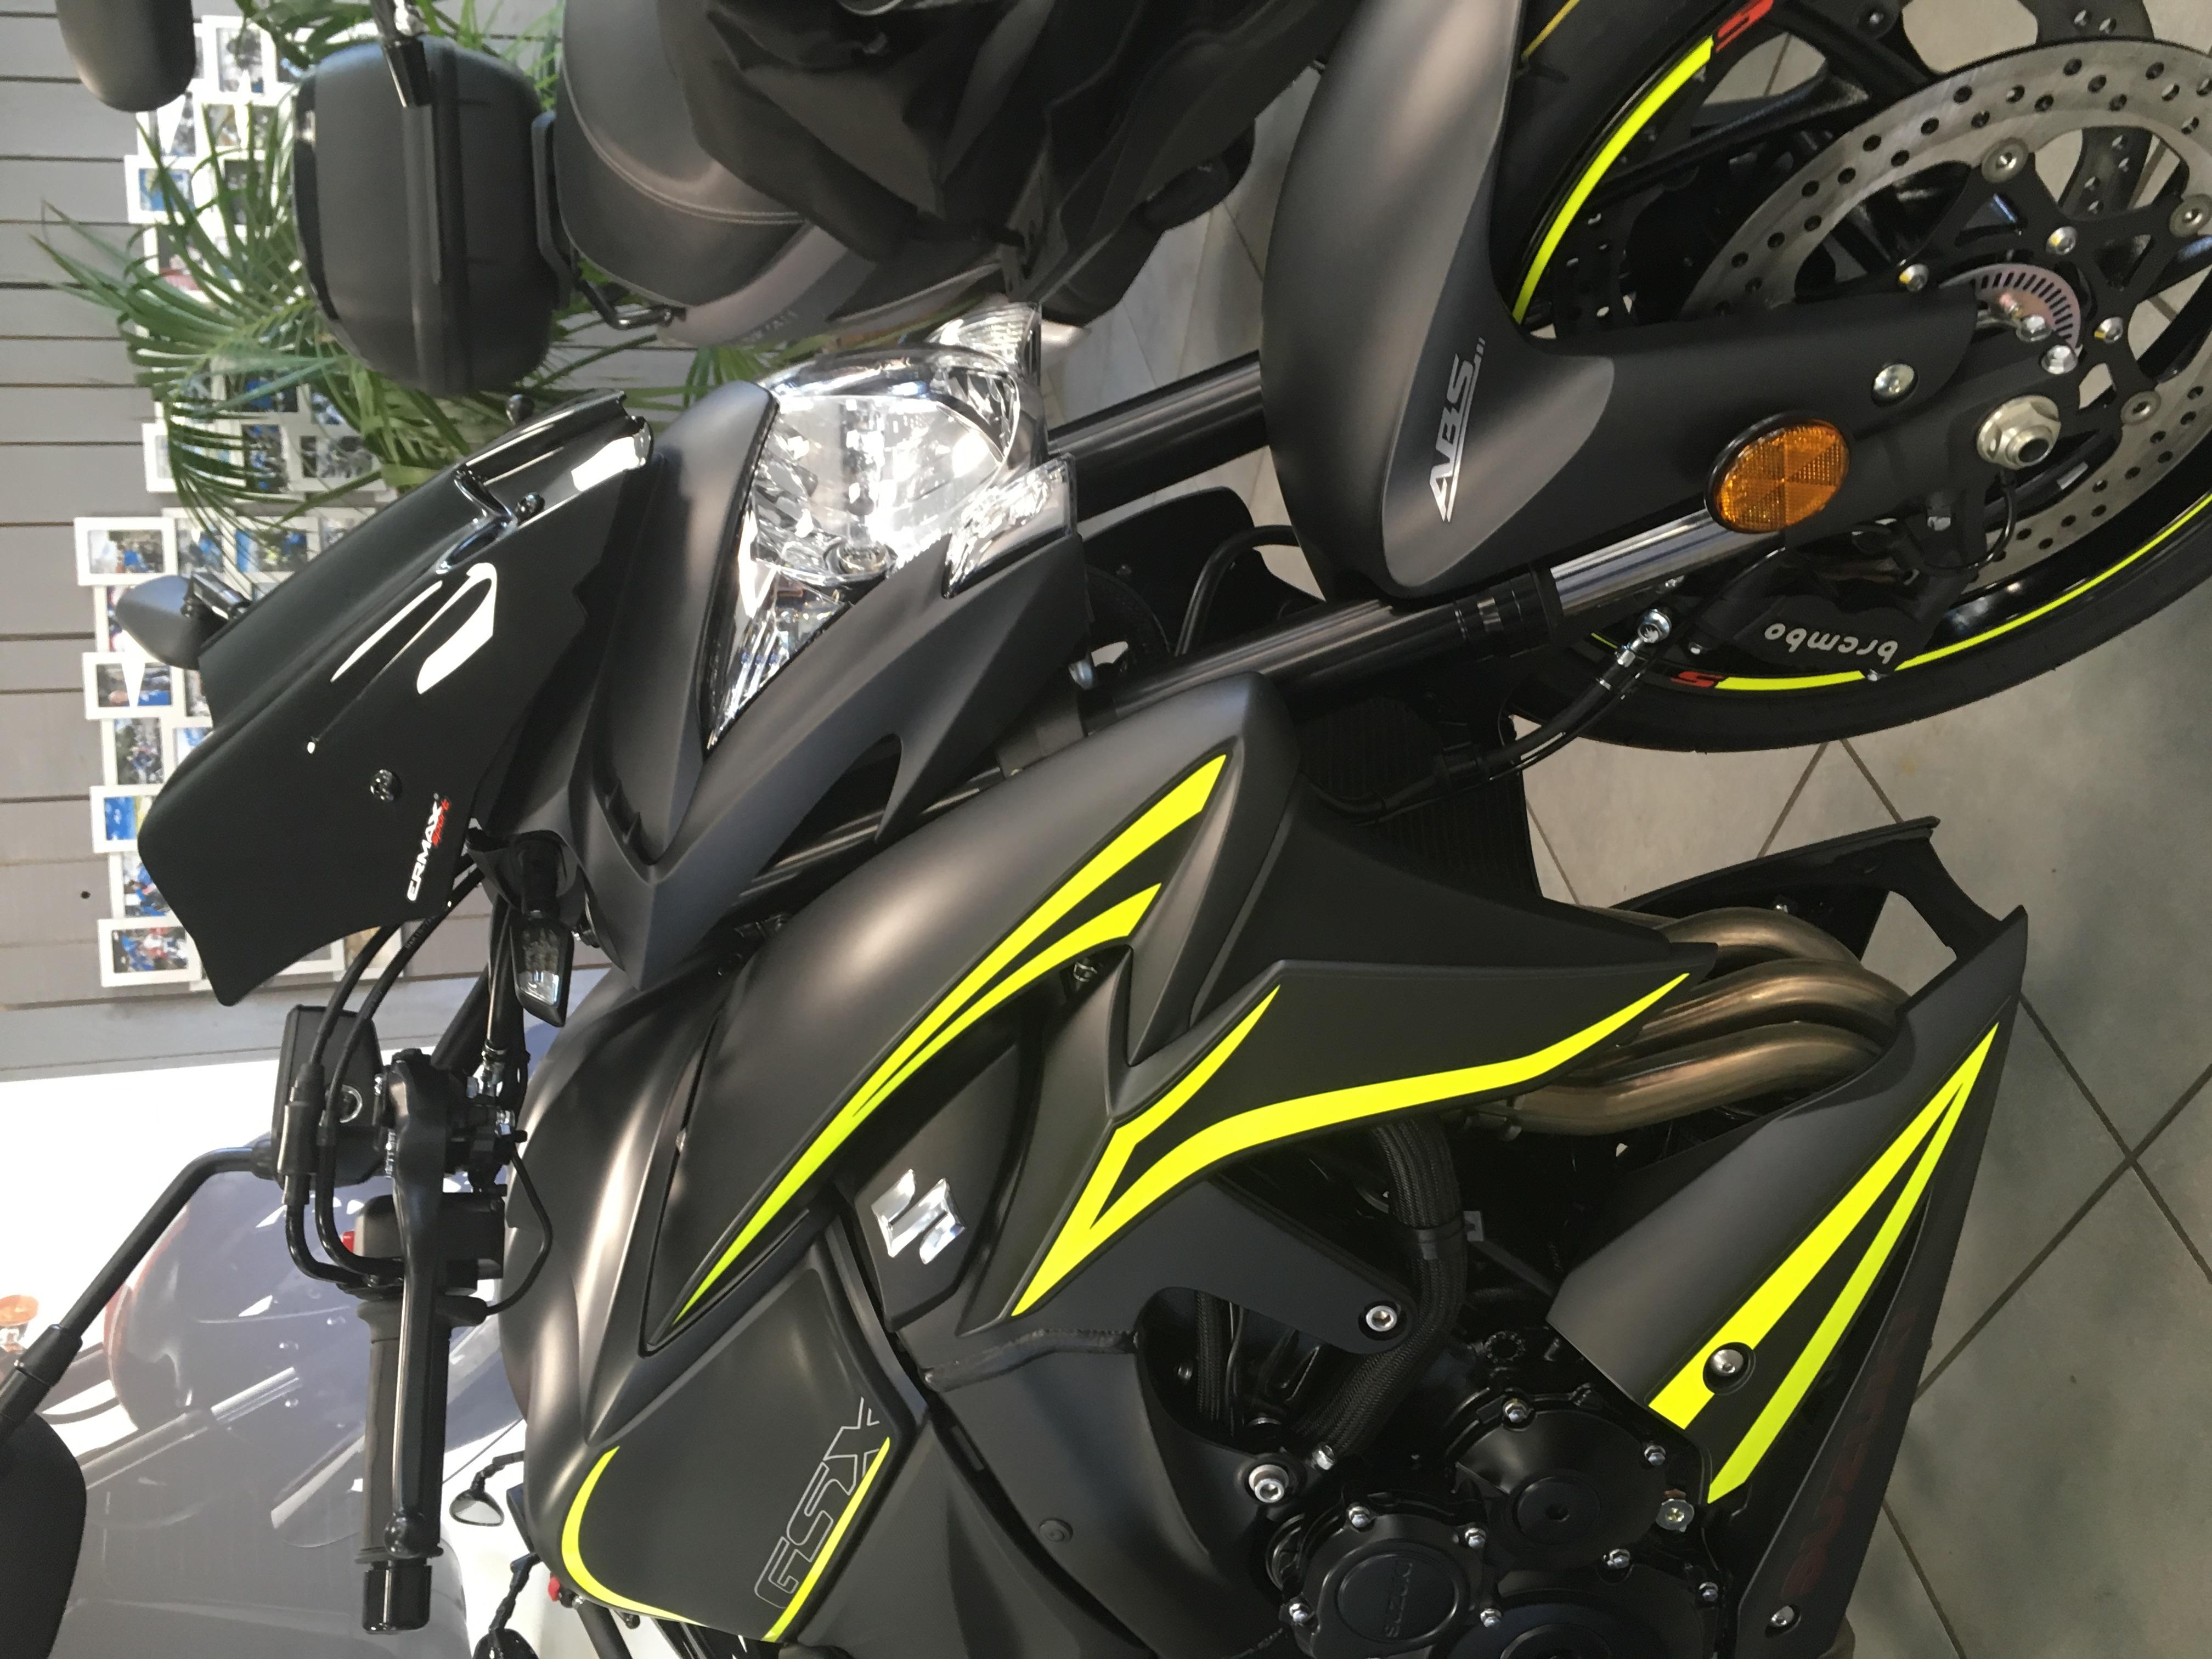 moto gsxs 1000 2018 noir jaune lyon. Black Bedroom Furniture Sets. Home Design Ideas